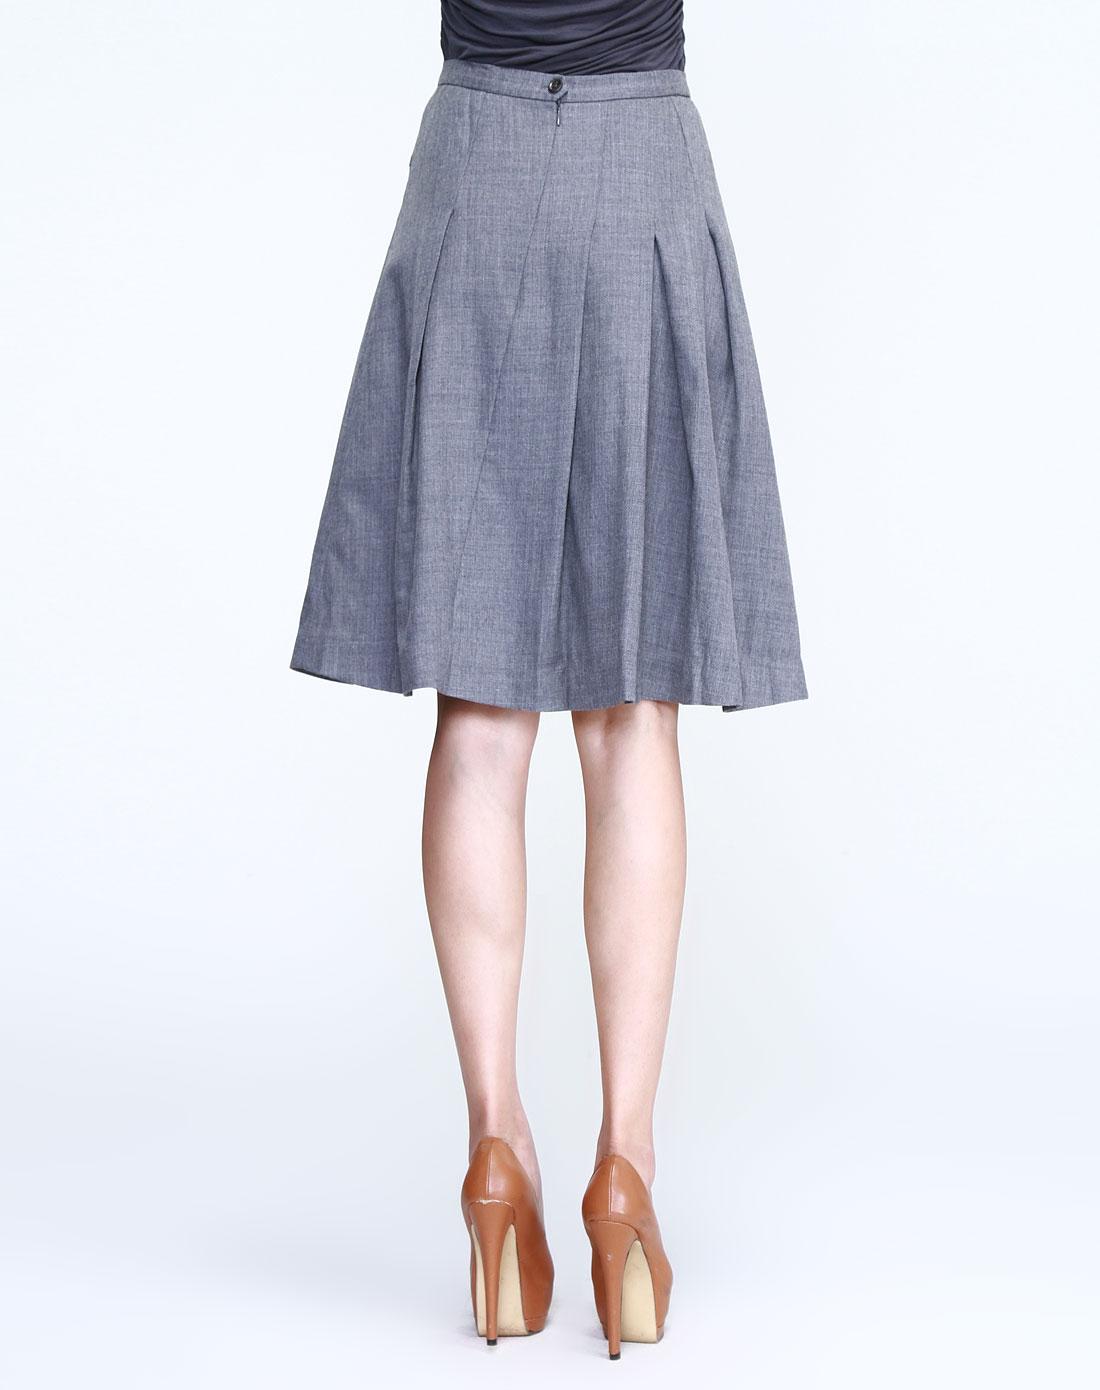 半裙款式图和结构图